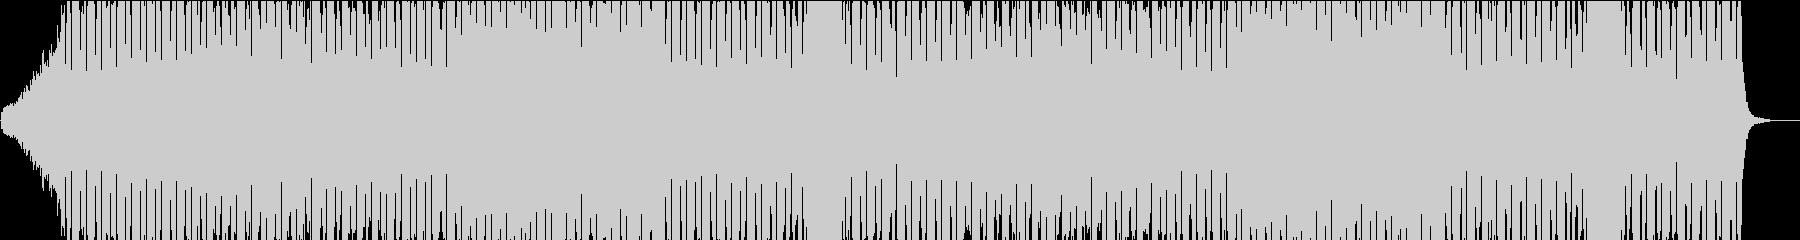 戦闘曲風のBGMの未再生の波形